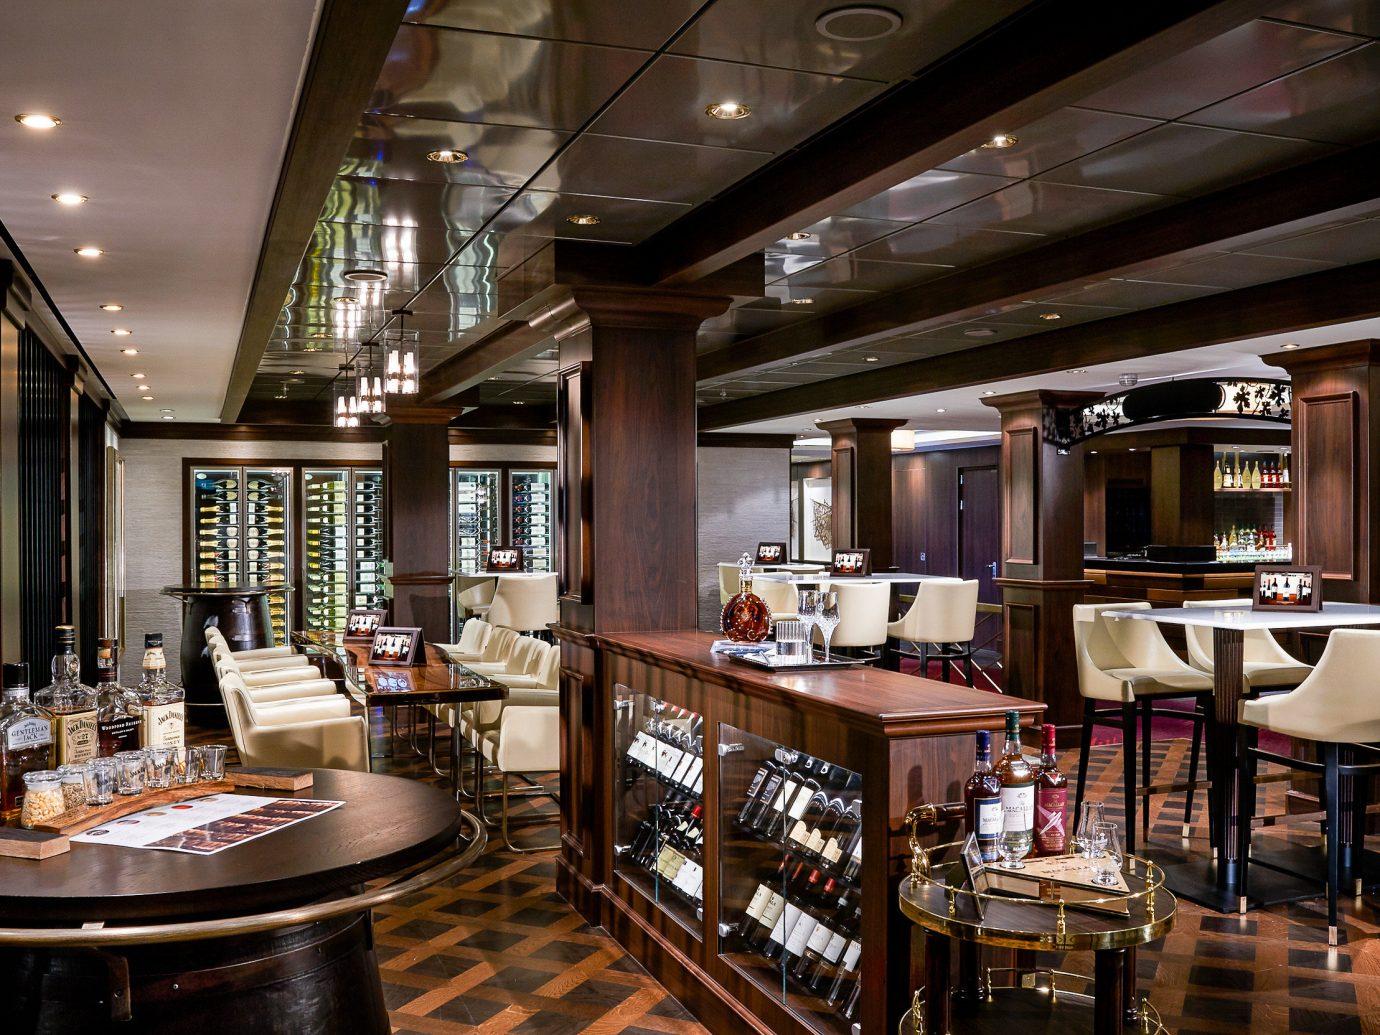 Cruise Travel Luxury Travel Trip Ideas indoor ceiling floor restaurant interior design Bar café pub furniture several